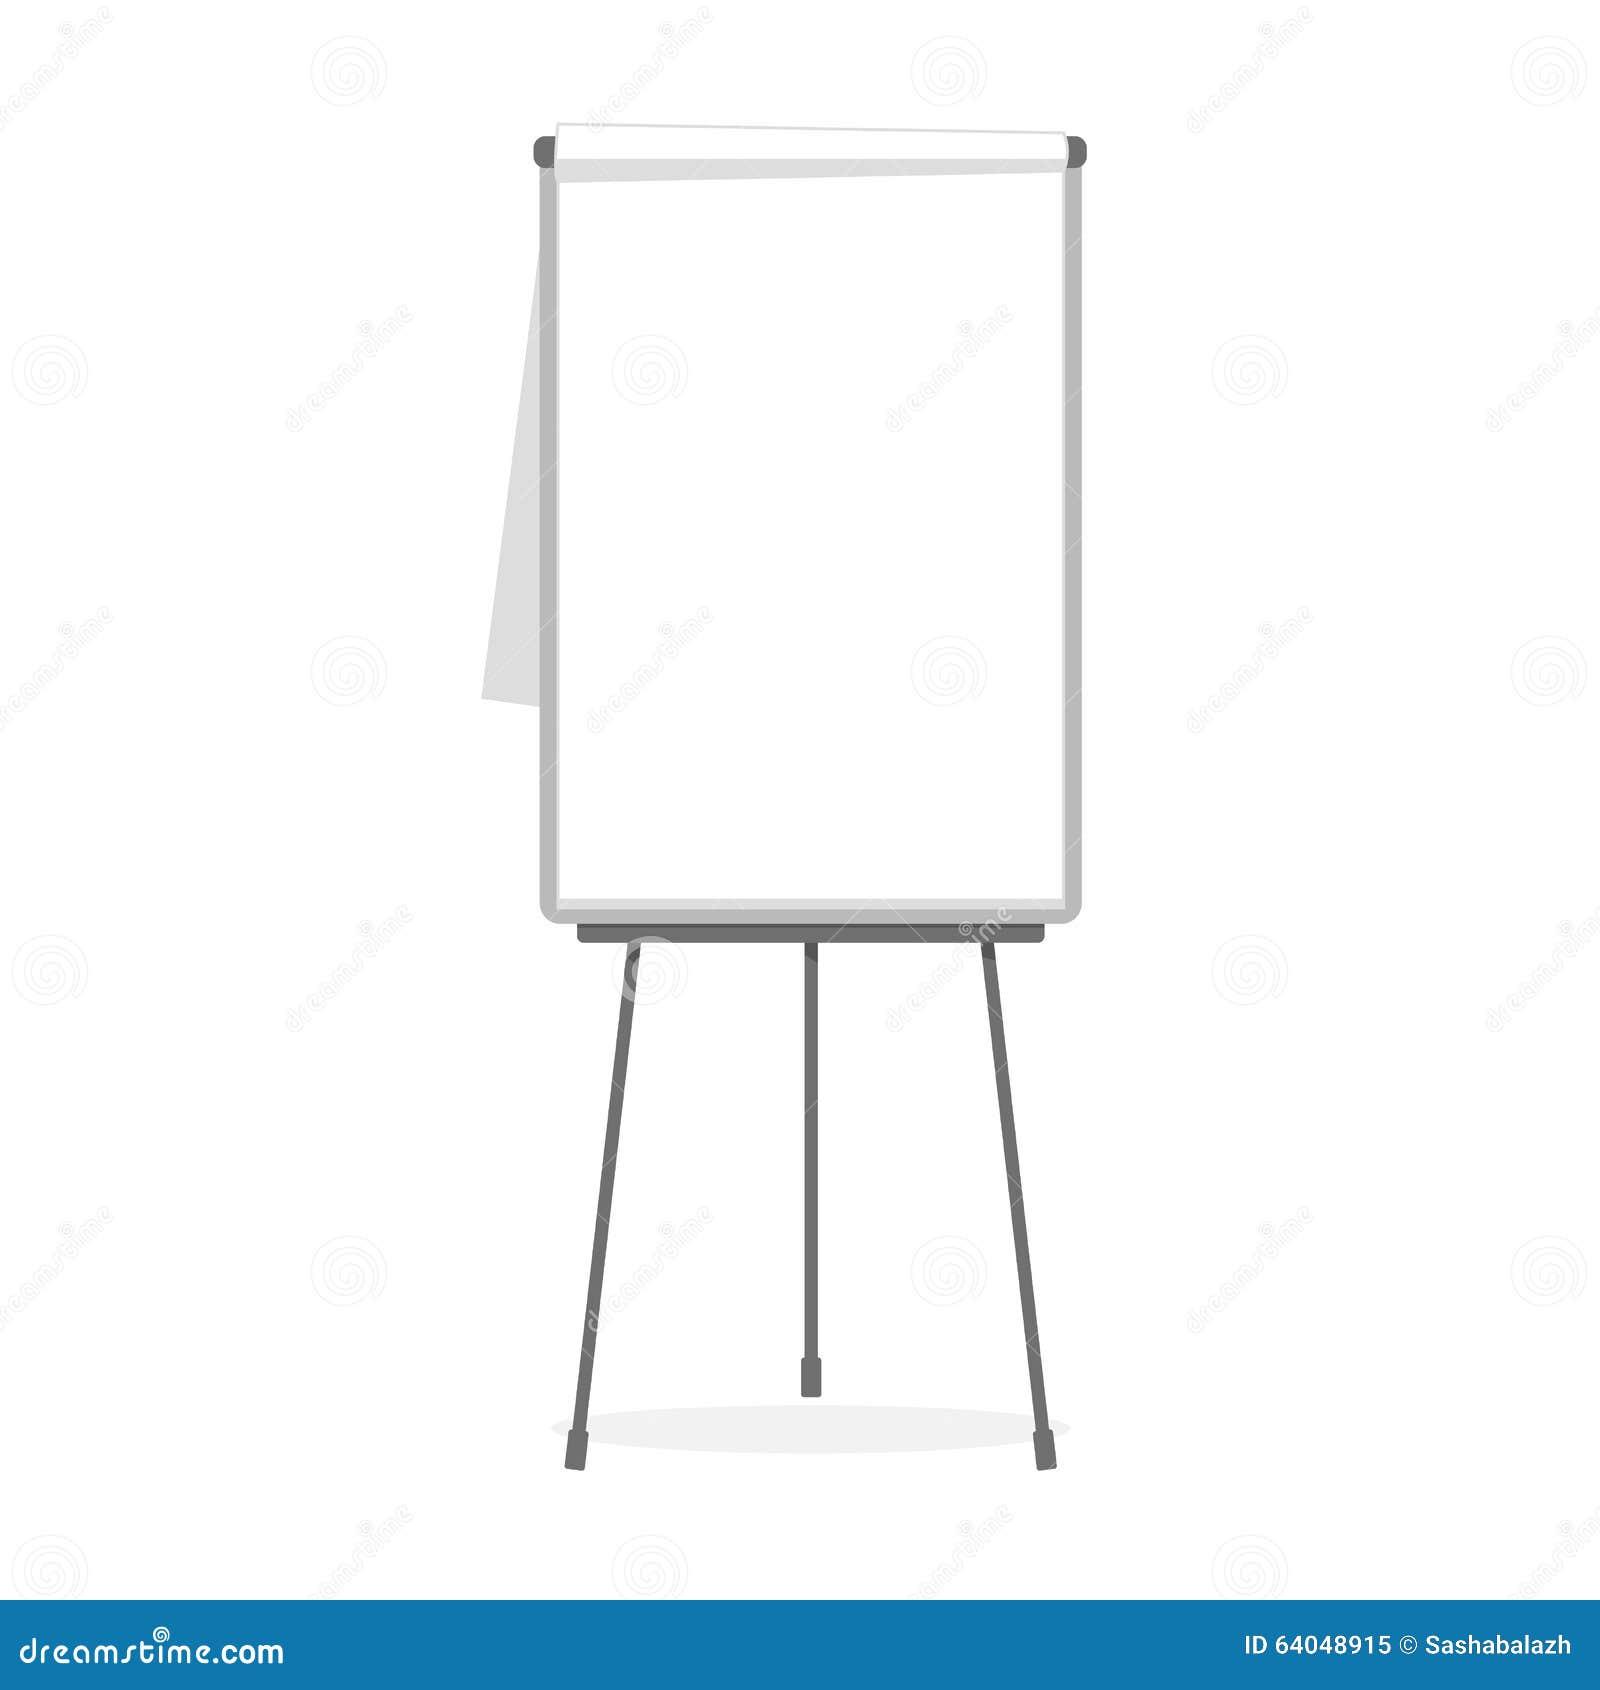 flipchart blank template illustration 64048915 megapixl